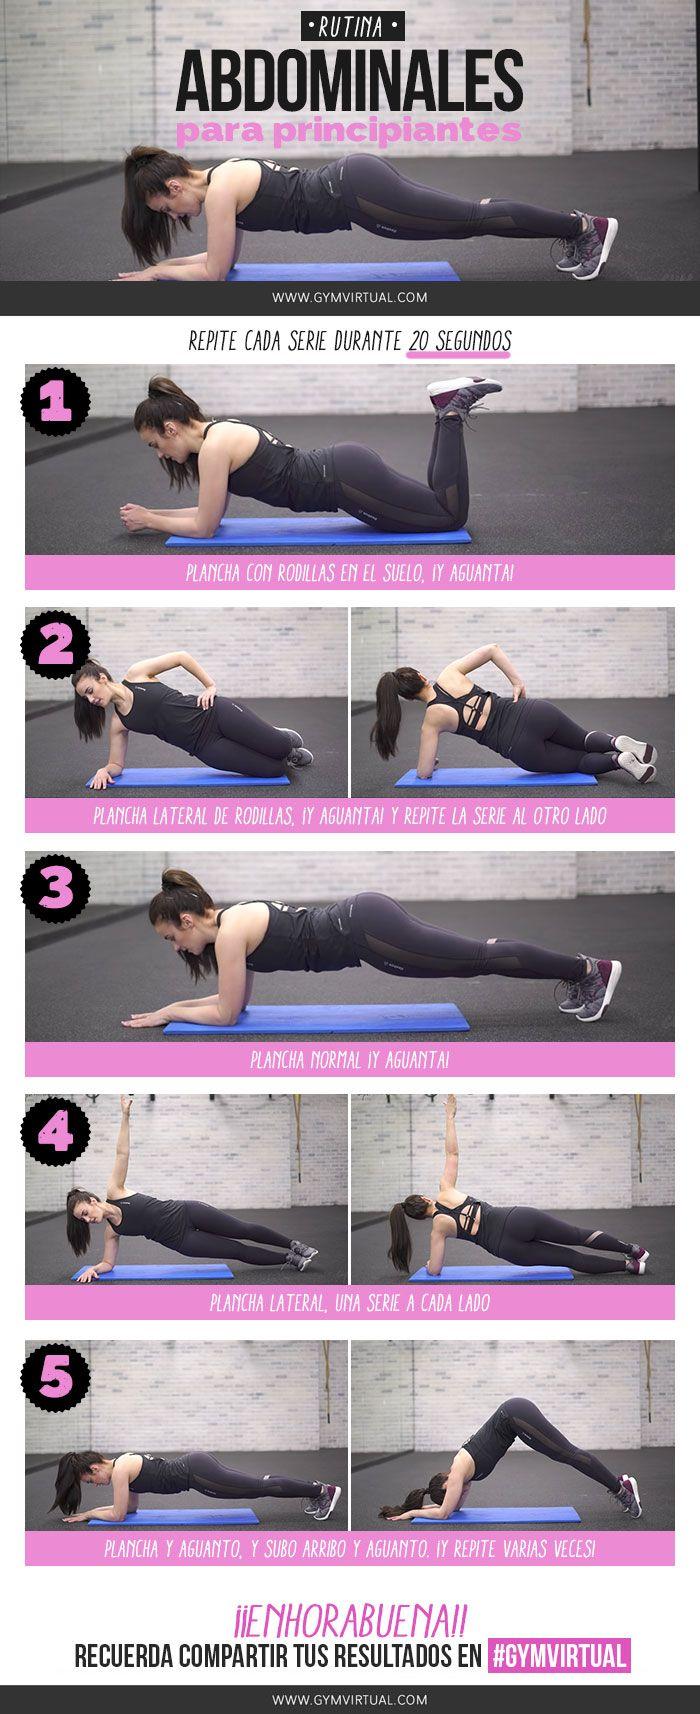 ¡Nueva rutina de abdominales para principiantes paso a paso! Empezamos haciendo una plancha con rodillas durante 20''. ¡VAMOS!